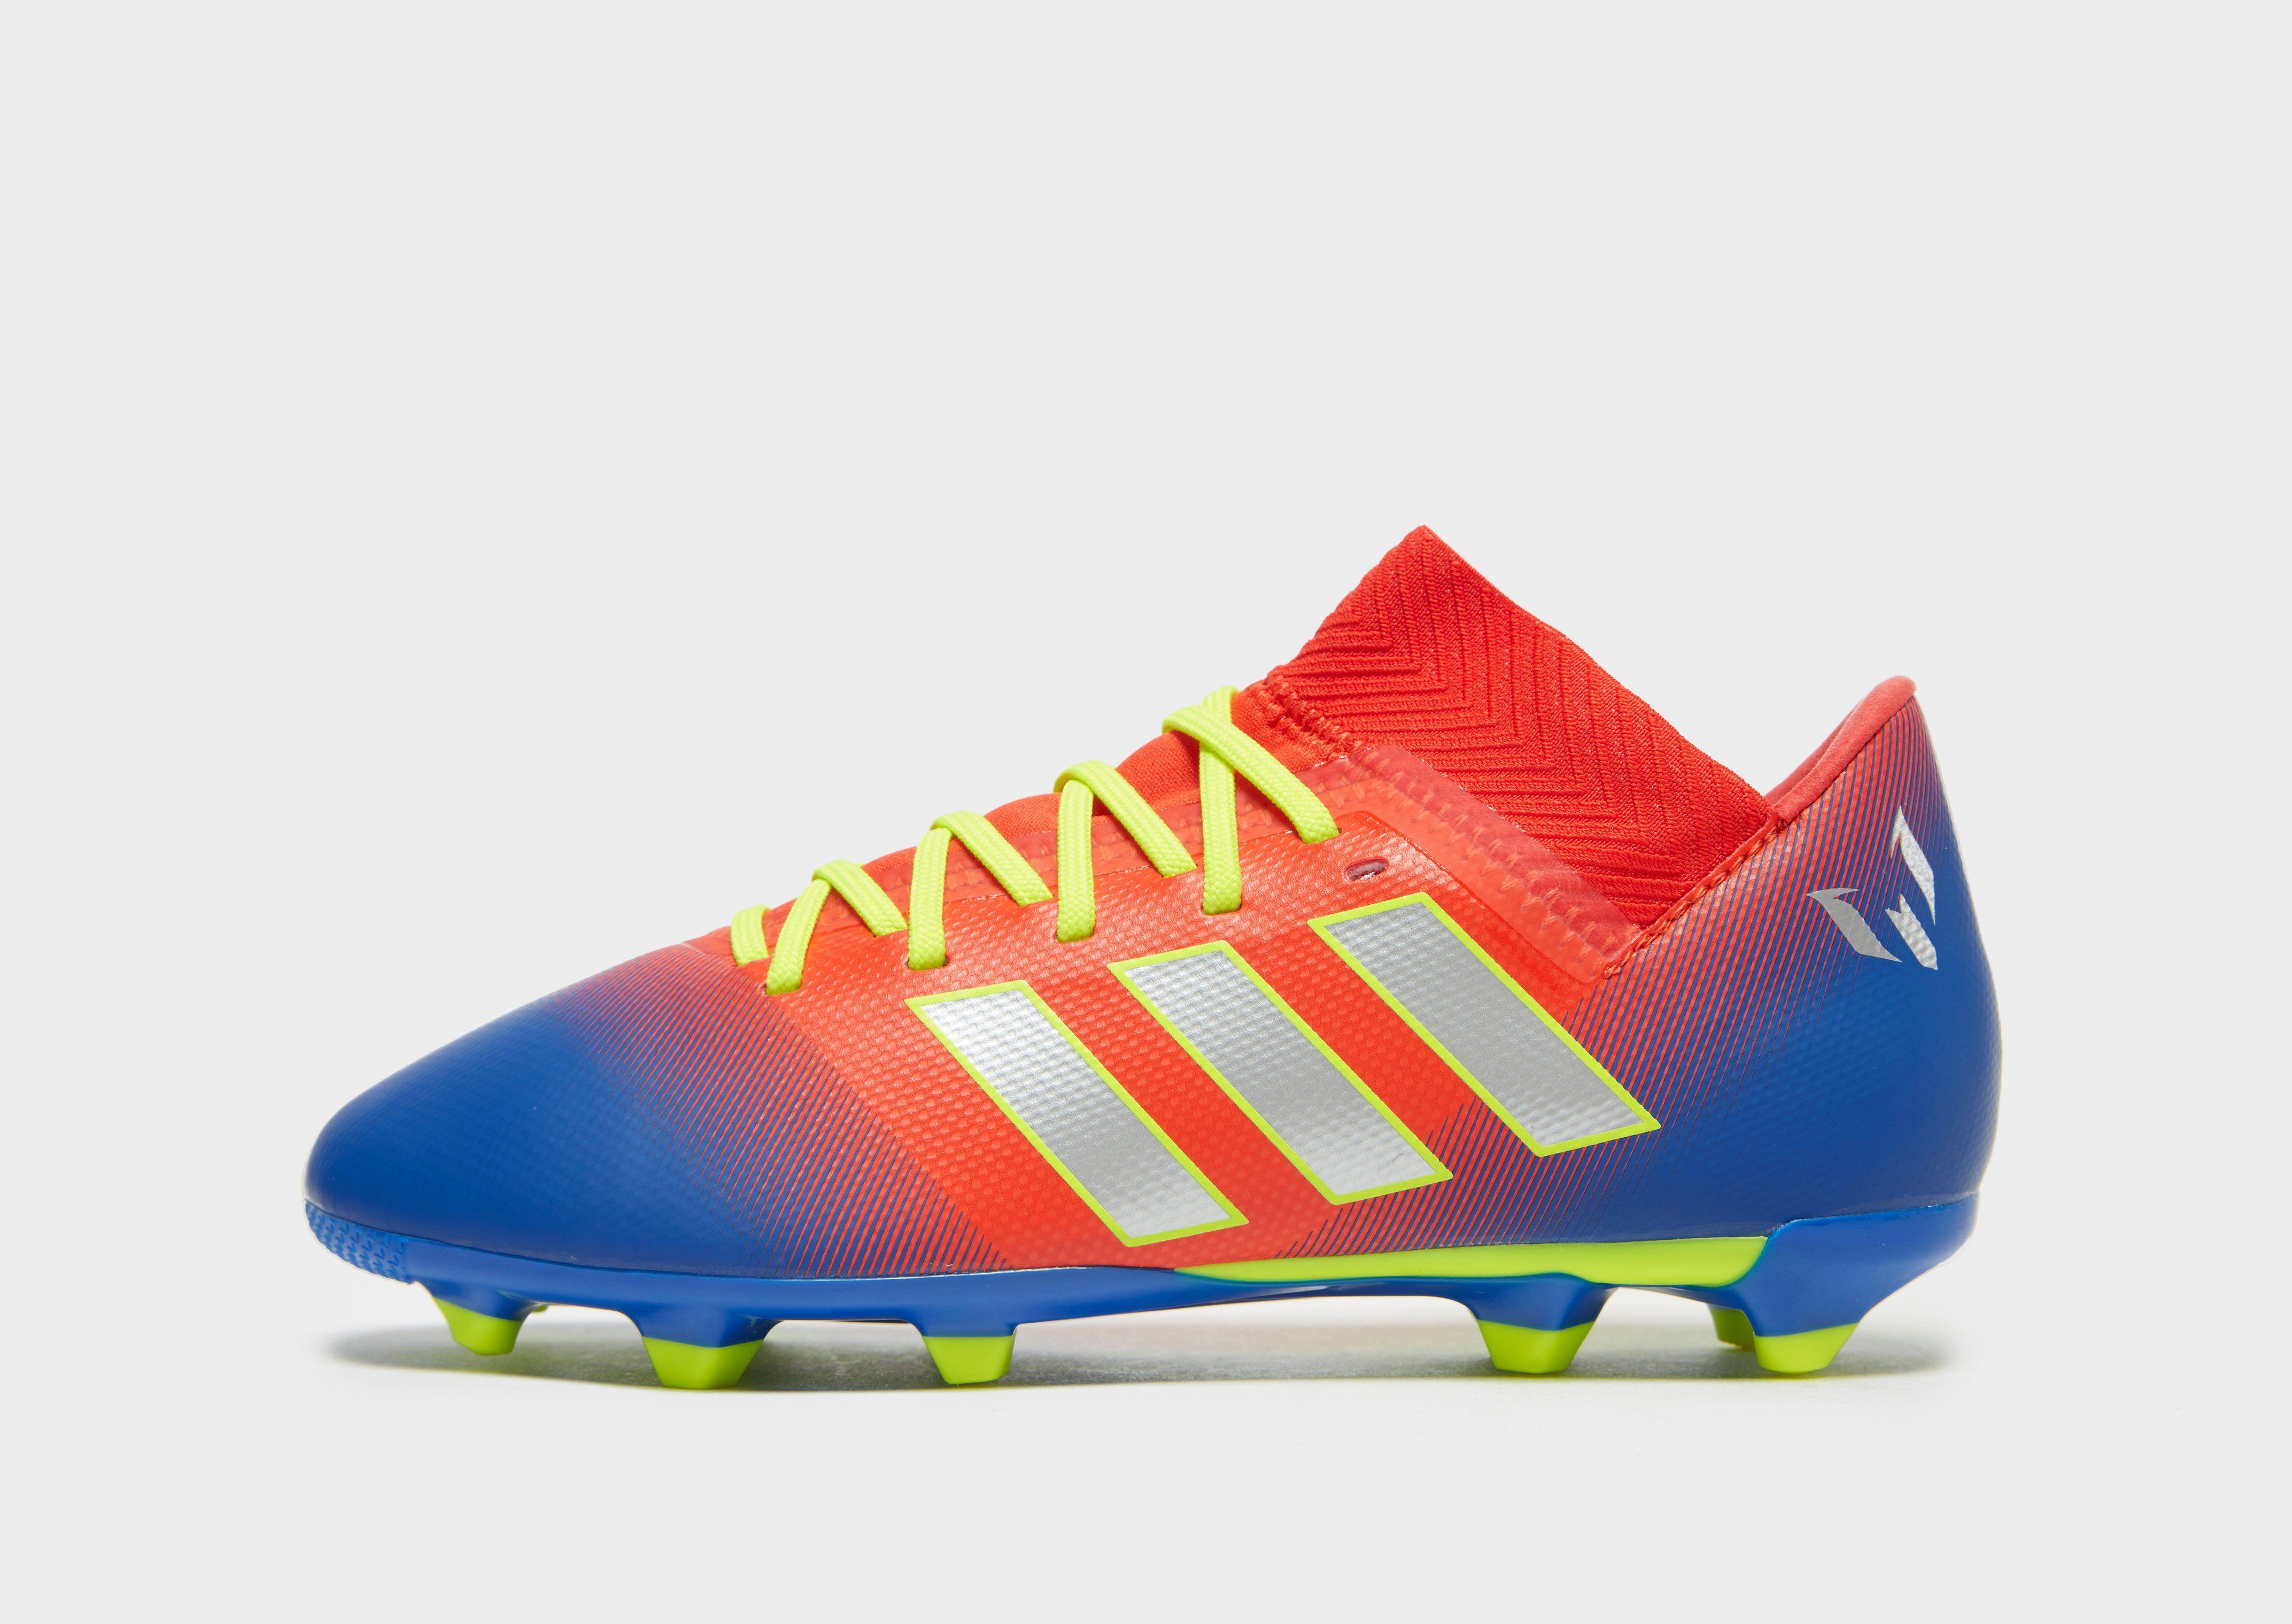 b0c35f5b0 adidas Initiator Nemeziz 18.3 Messi FG Children